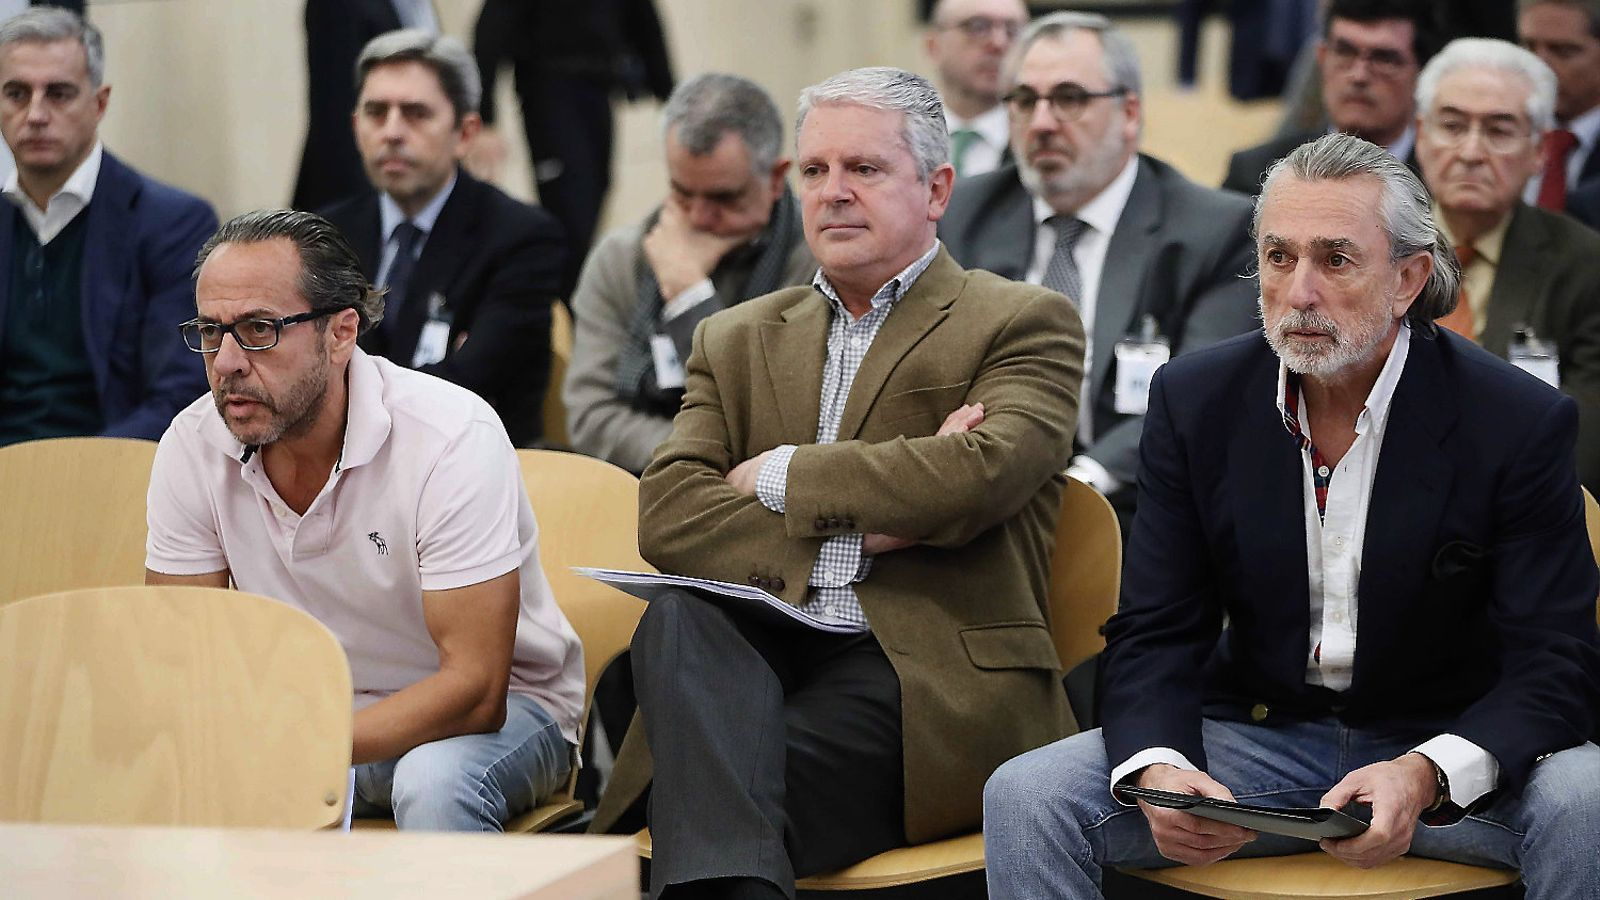 Les revelacions de Correa empenyen Costa a confessar